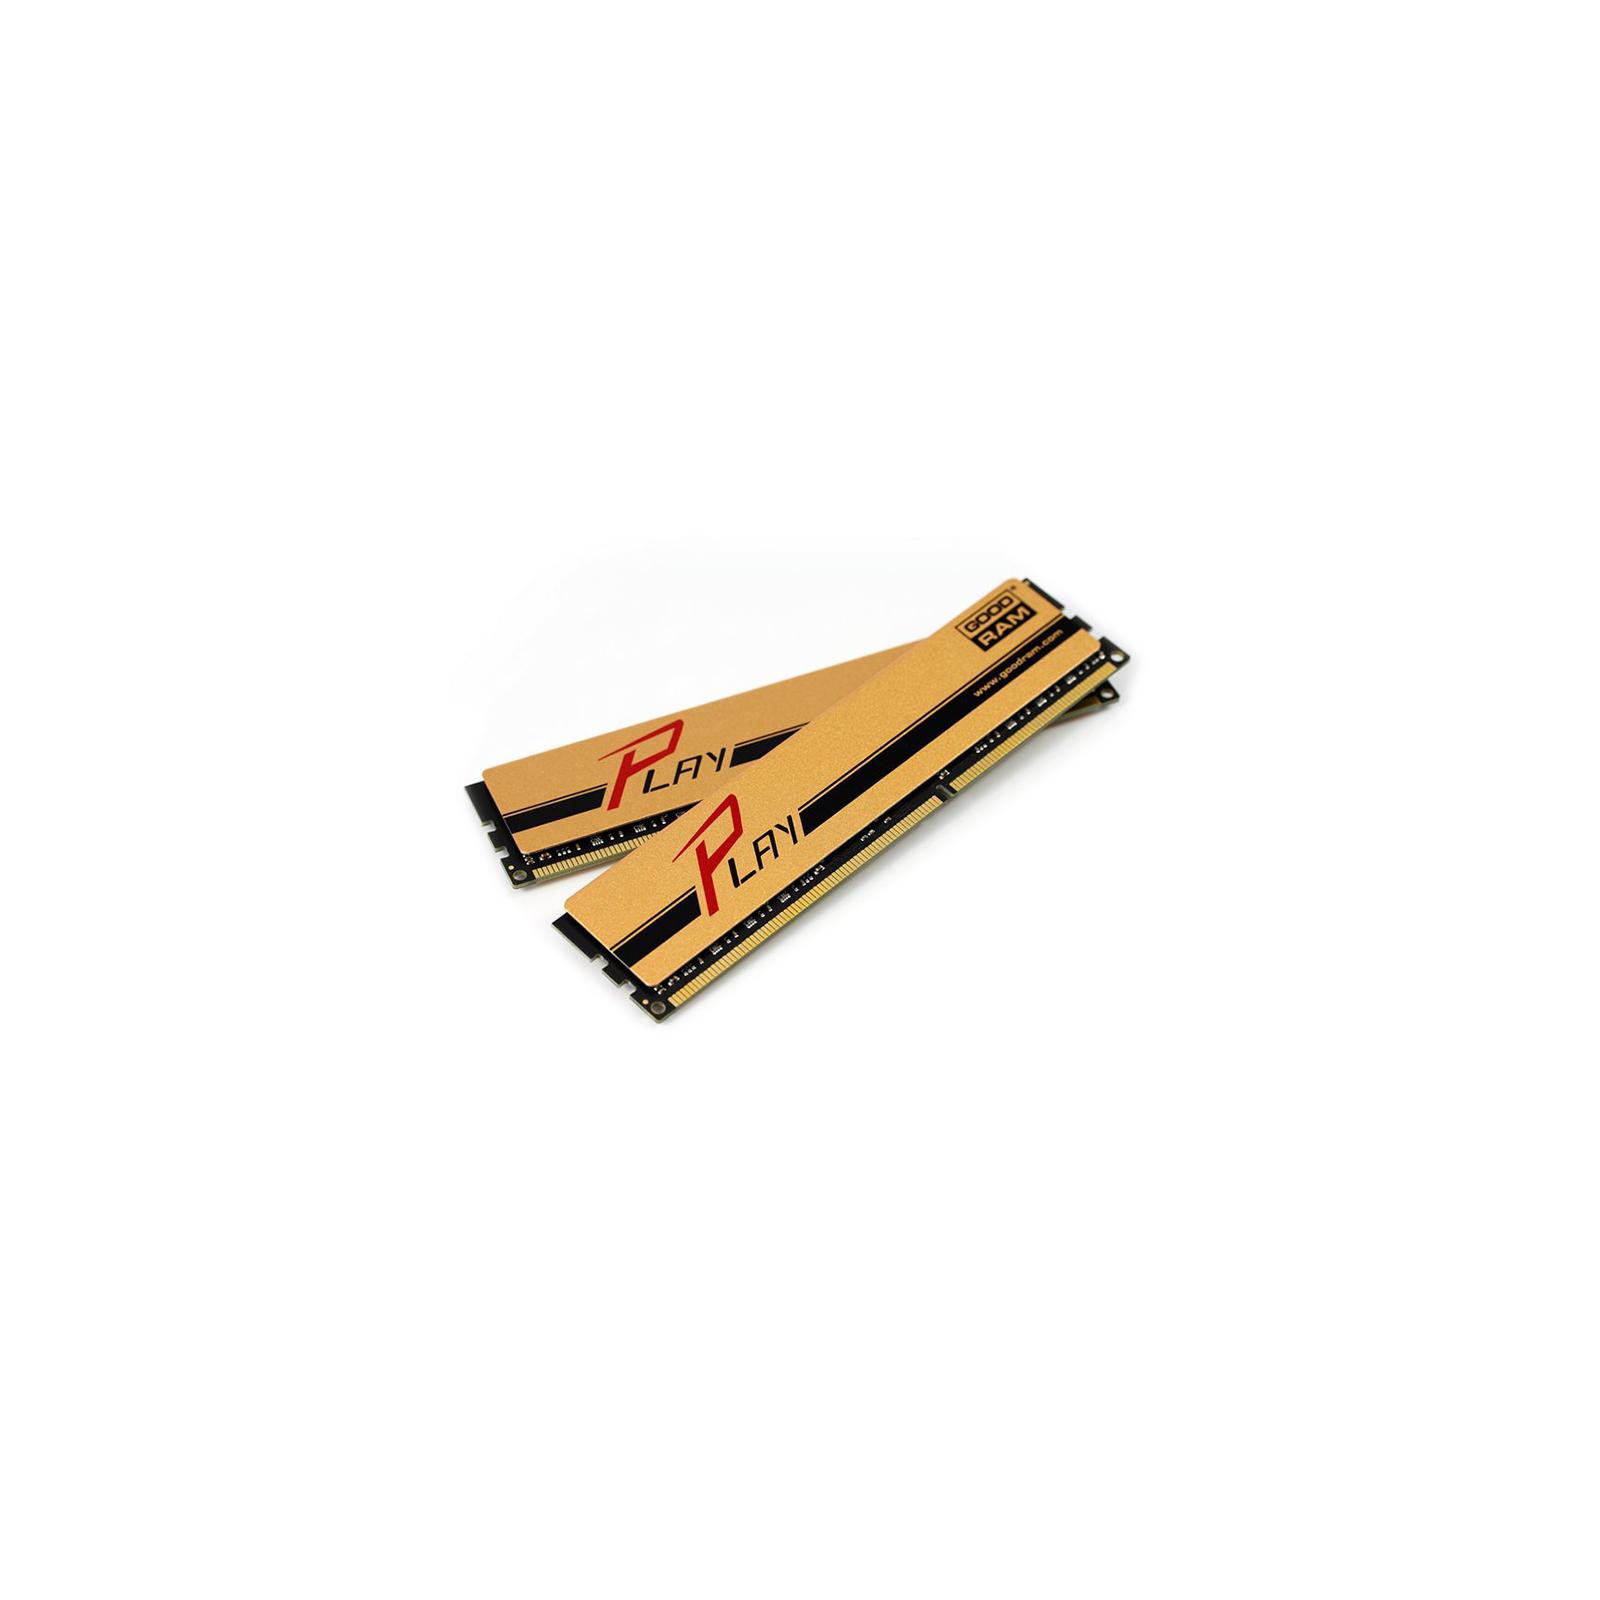 Модуль памяти для компьютера DDR3 8GB (2x4GB) 1866 MHz PLAY Gold GOODRAM (GYG1866D364L9AS/8GDC) изображение 2